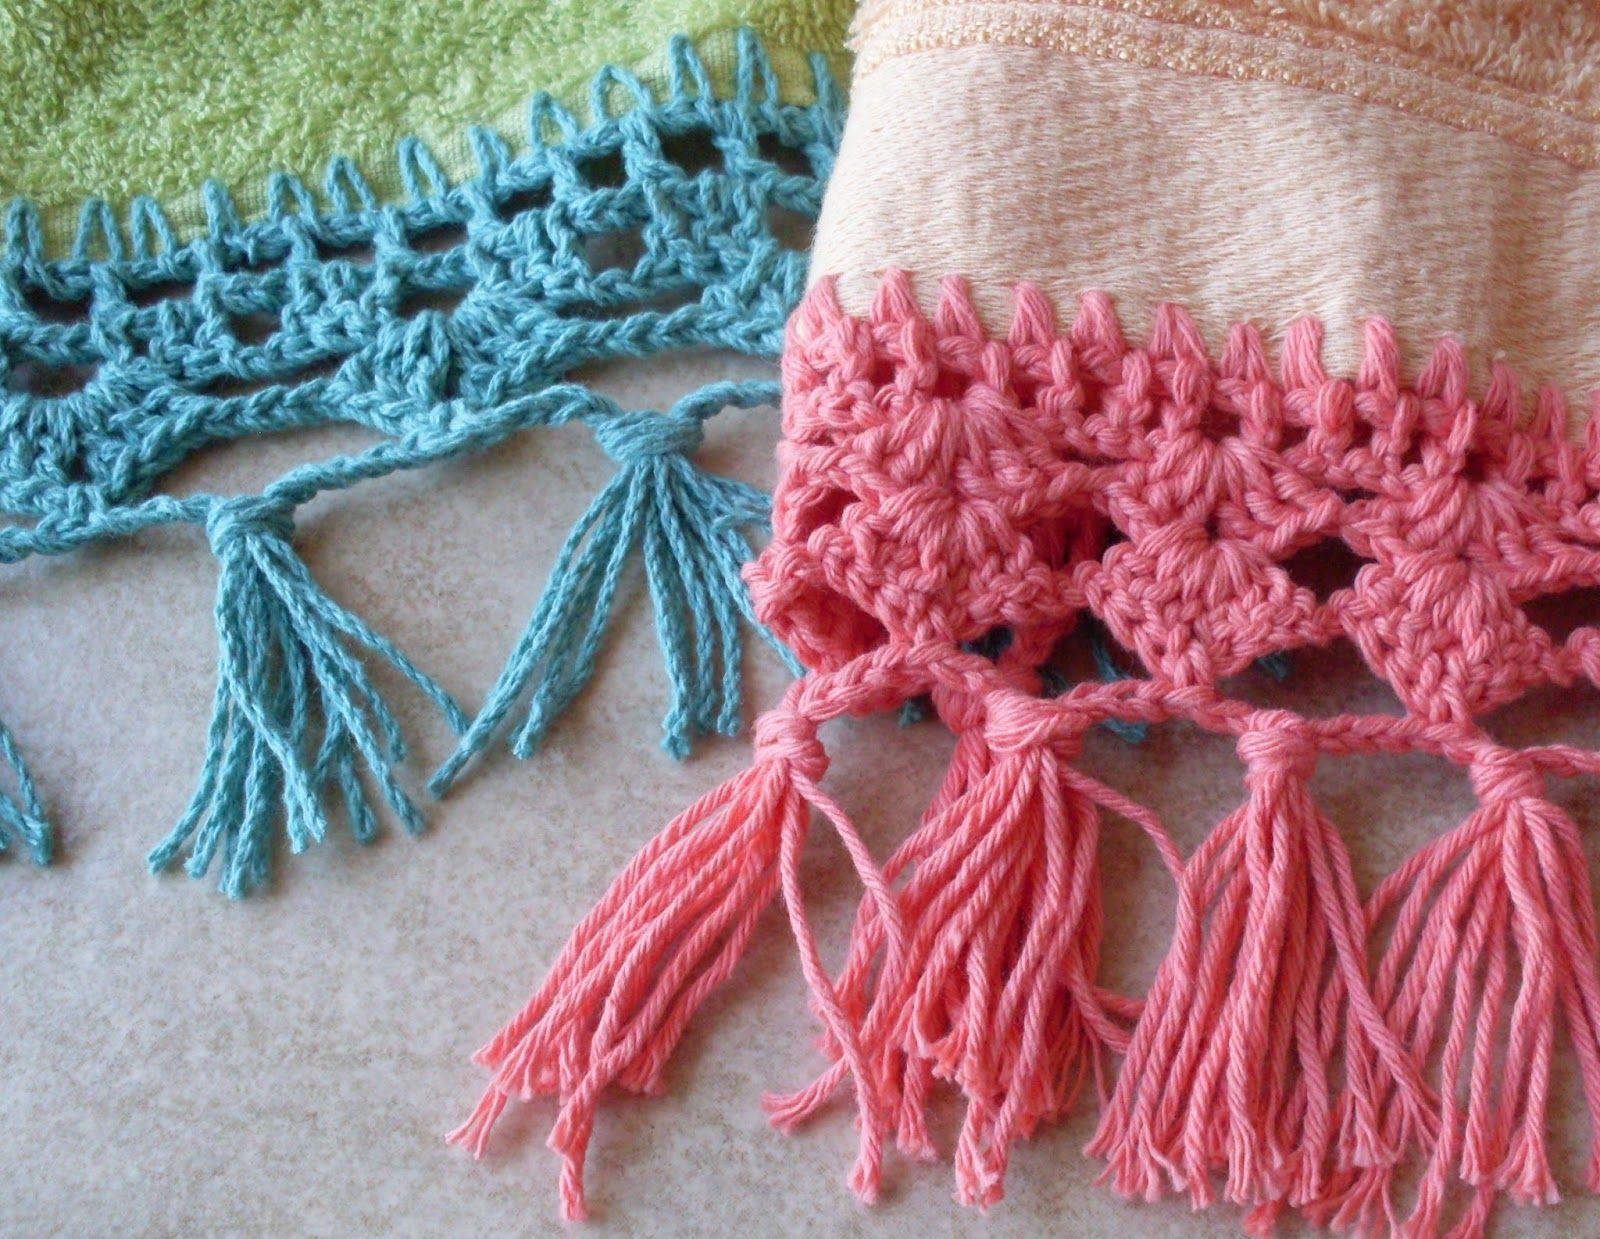 Blog de tejidos, diseño, reciclado, crochet, recycling, tissues ...